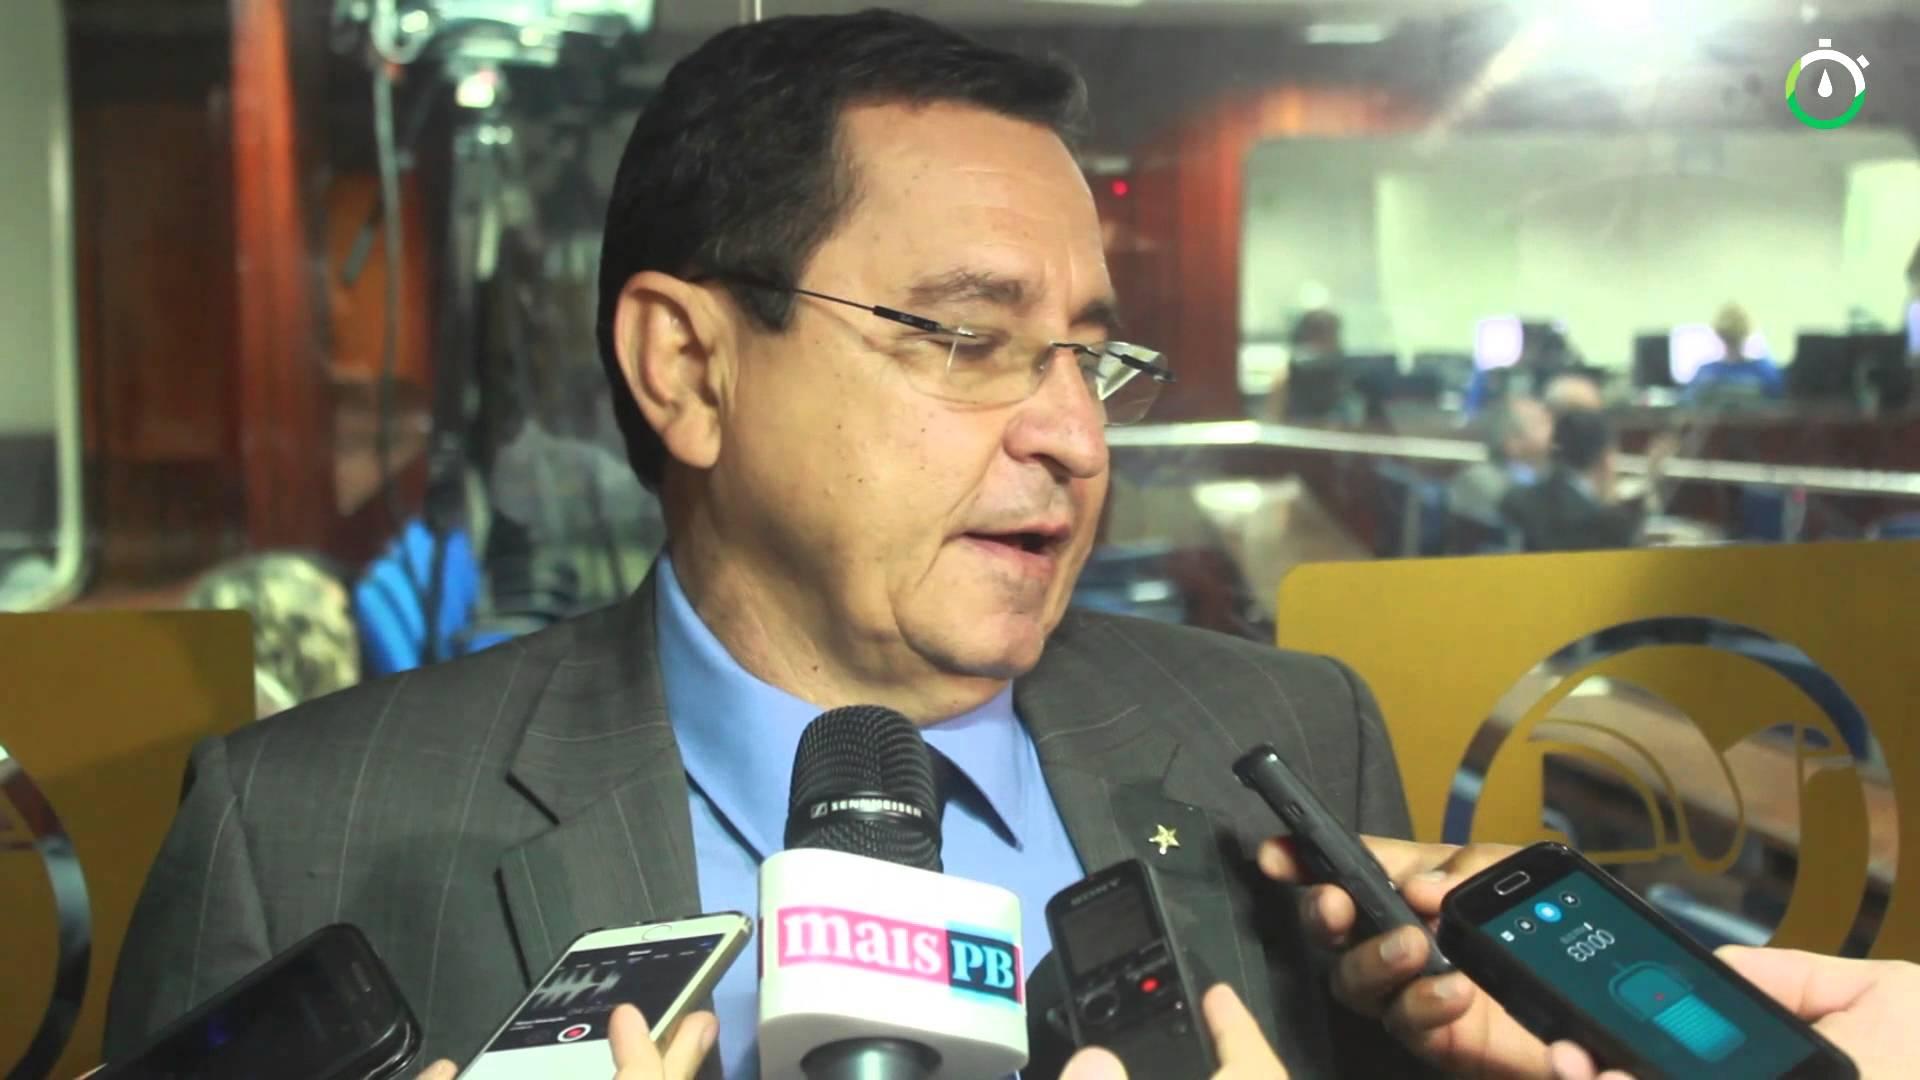 video anisio maia sai em defesa - Audiência Pública debateu segurança pública em Juazeirinho, diz Anísio Maia